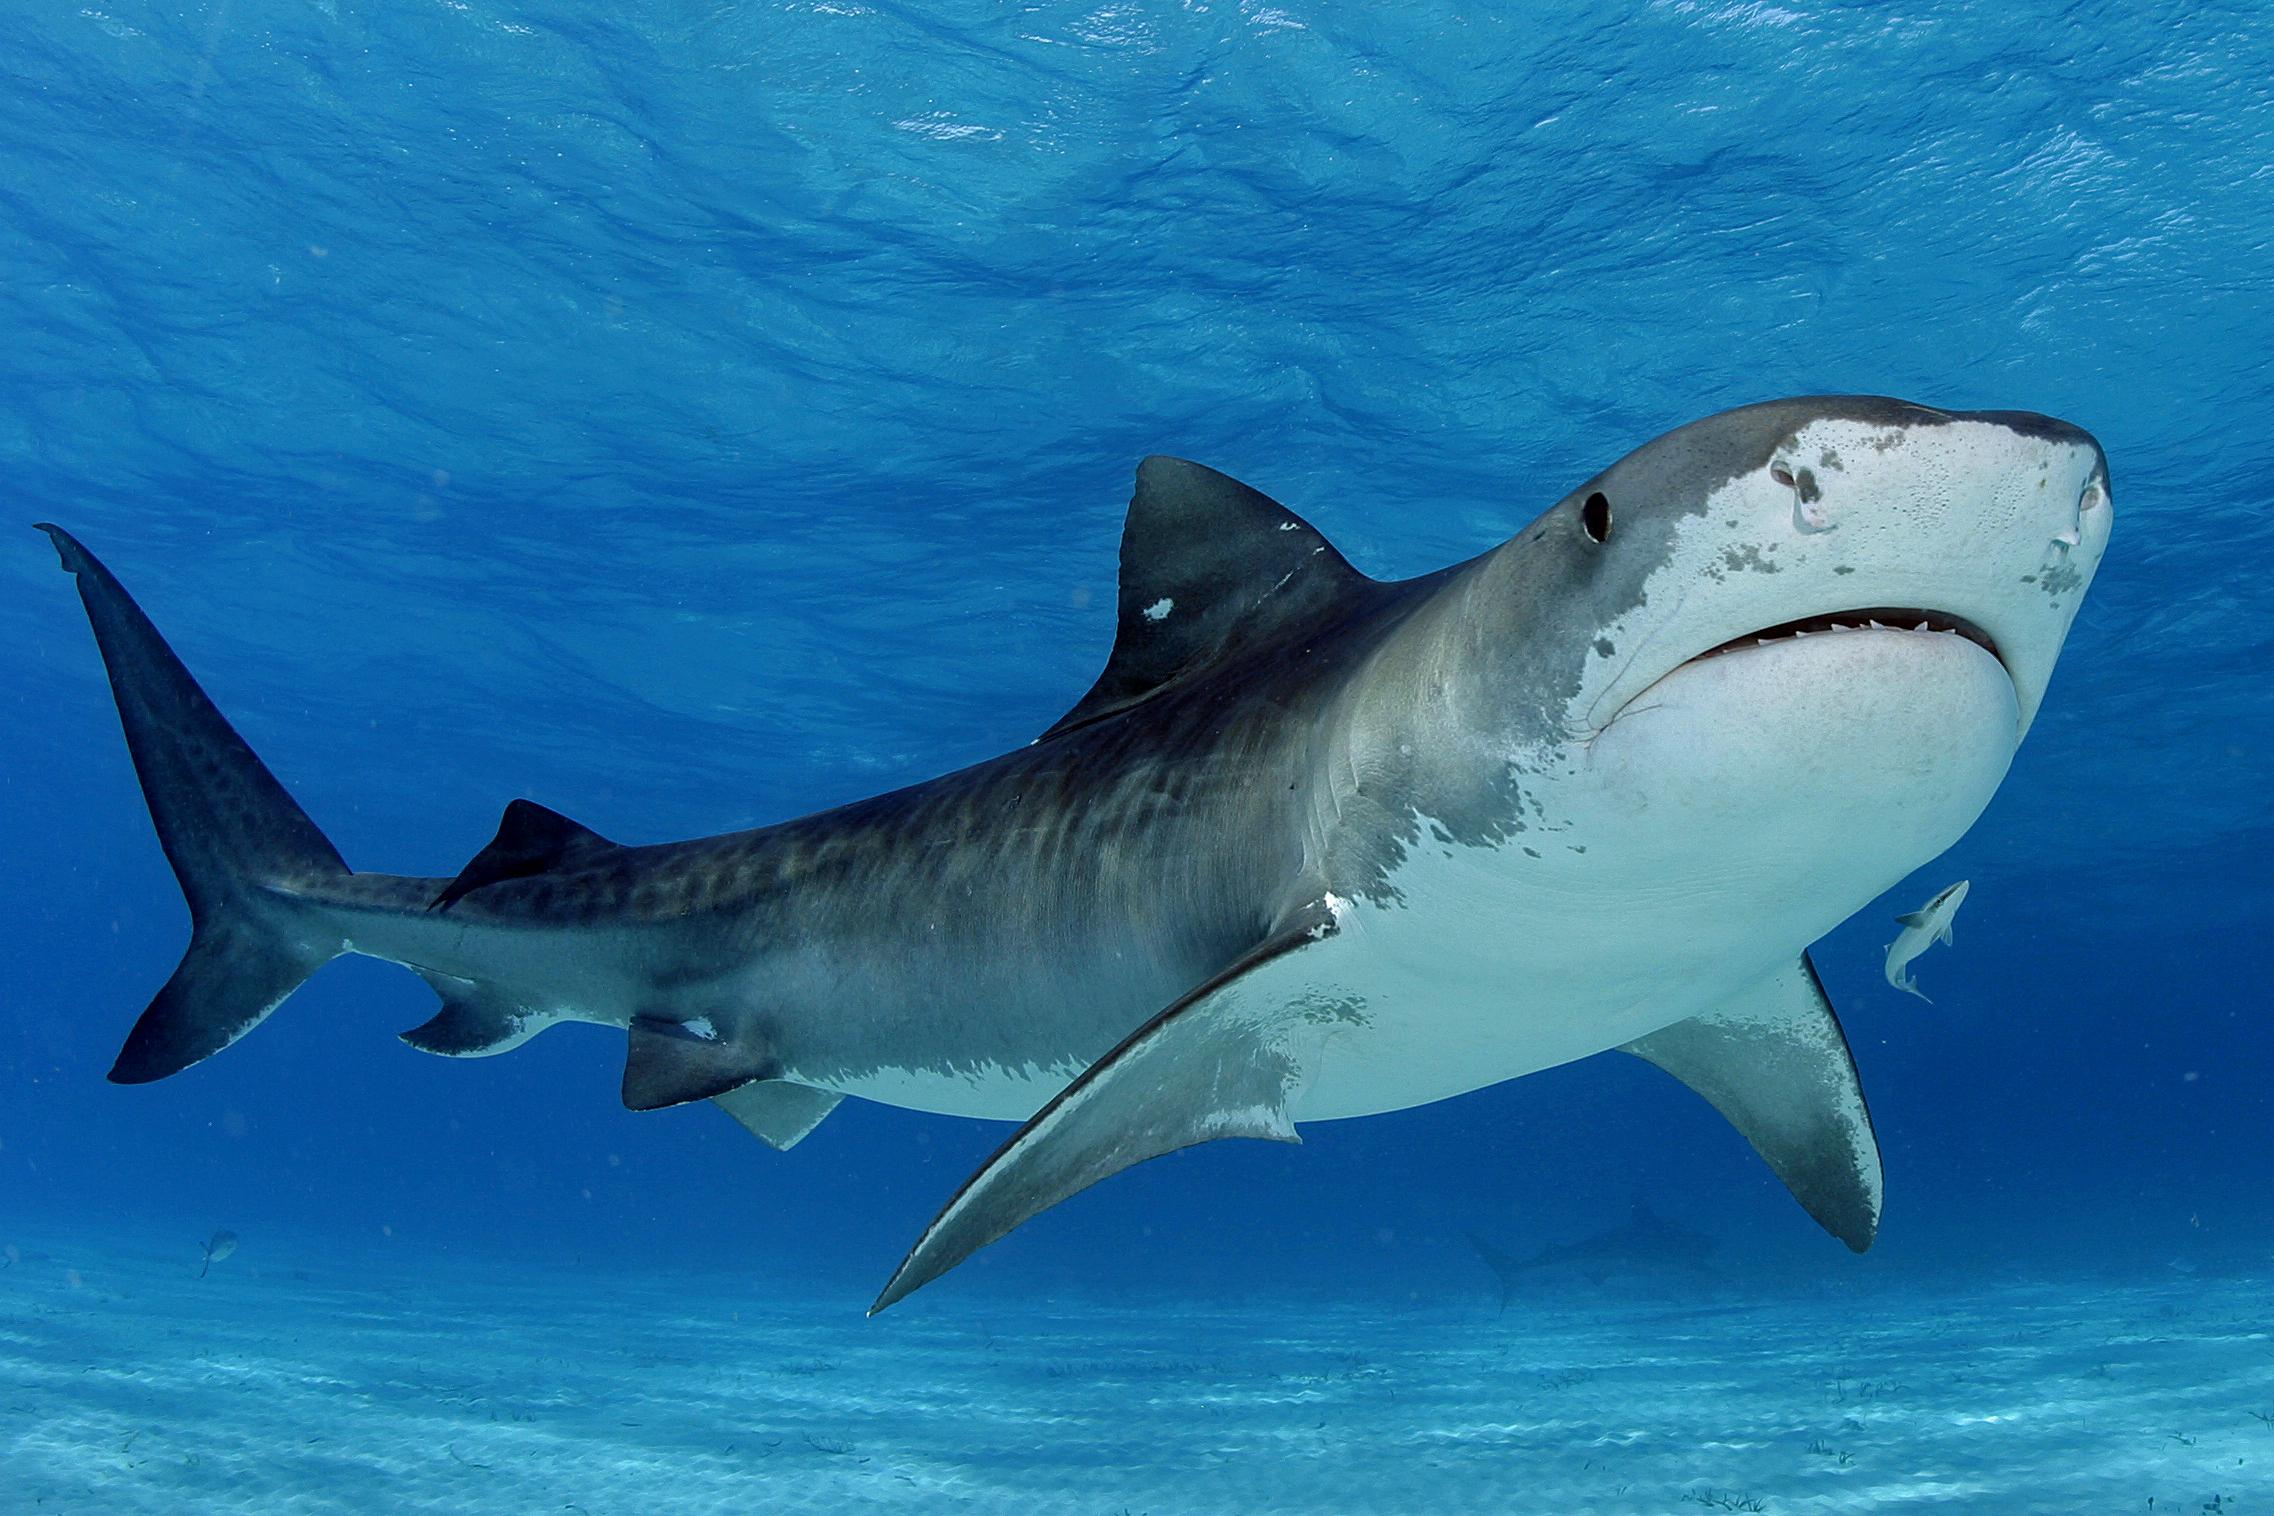 El Tiburón es uno de los peces más pescados de forma ilegal en Colombia, sobre todo por parte de flotas pesqueras extranjeras que entran a aguas colombianas. Foto: ©JimAbernthy.